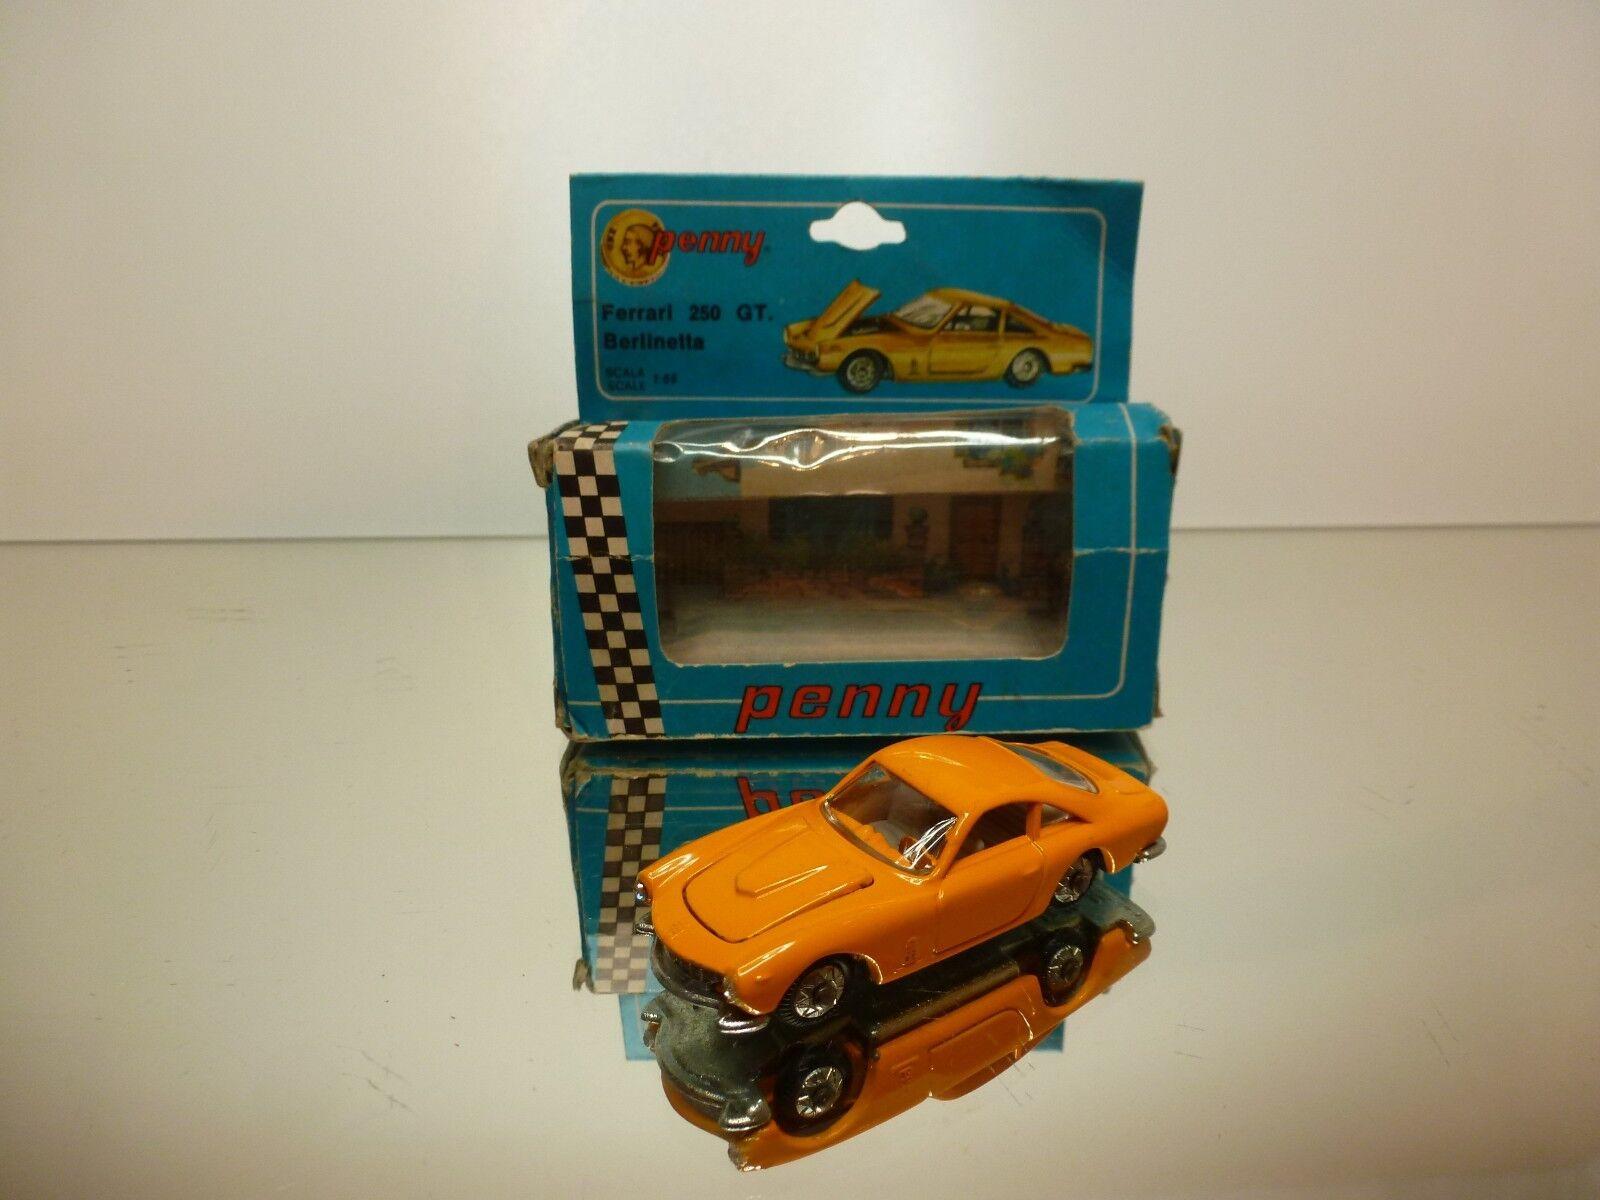 PENNY 0 21 FERARI 250 GT BERLINETTA - YELLOW 1 66 RARE - GOOD CONDITION IN BOX